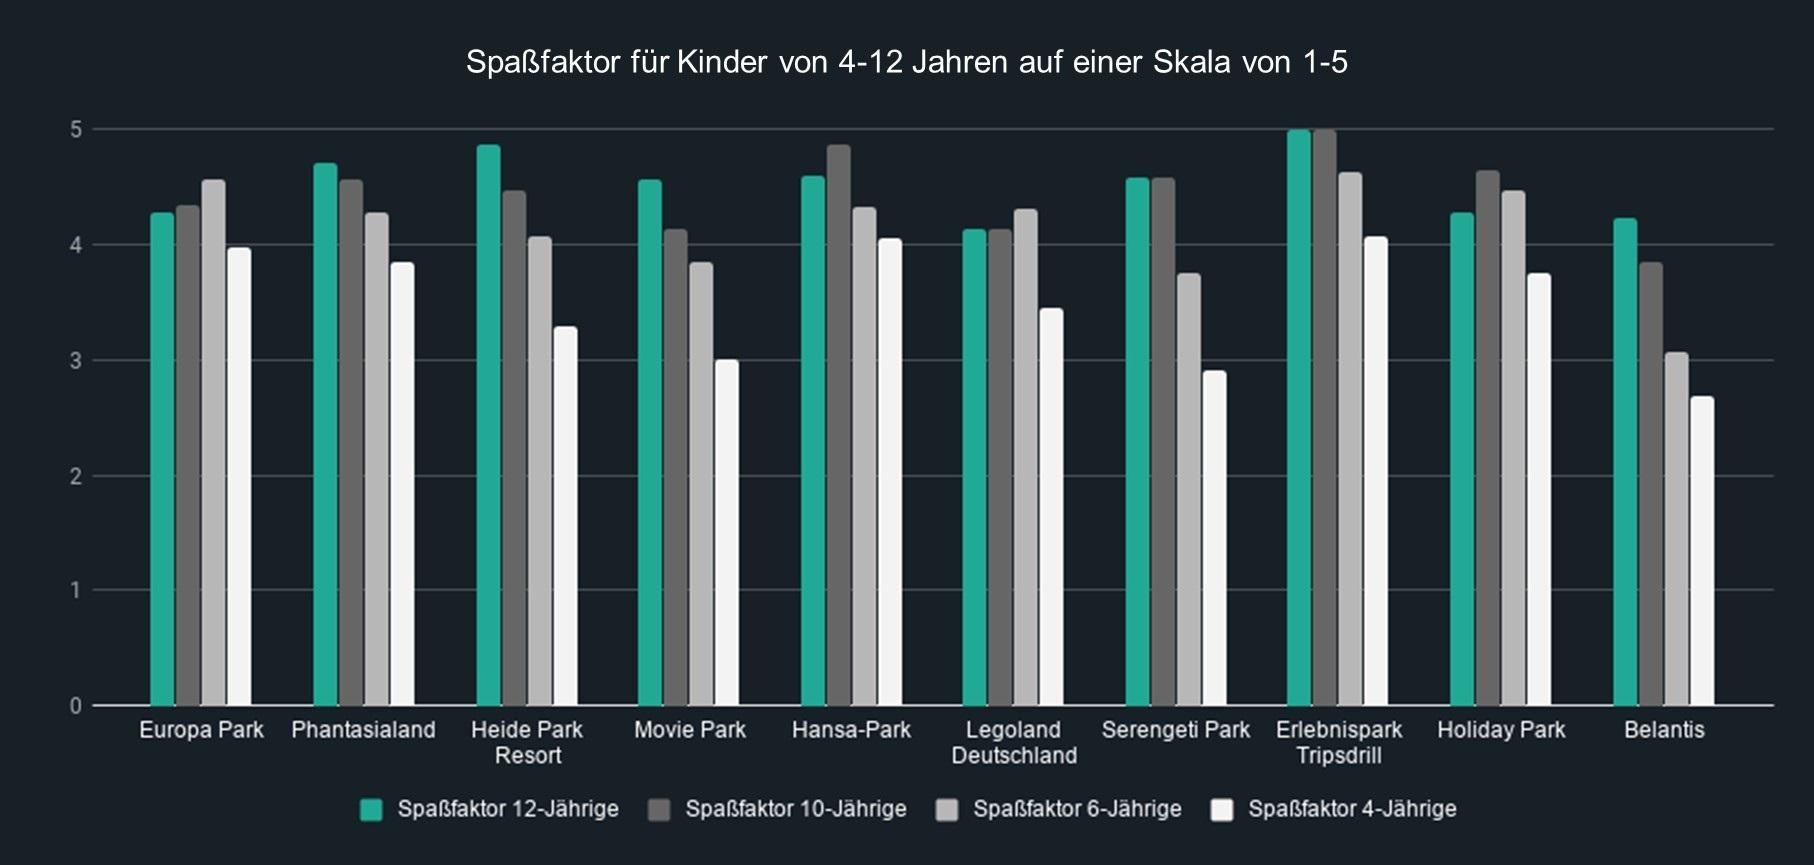 Spaßfaktor für 12-, 10-, 6- und 4-Jährige der Top 10 Freizeitparks in Deutschland im Überblick